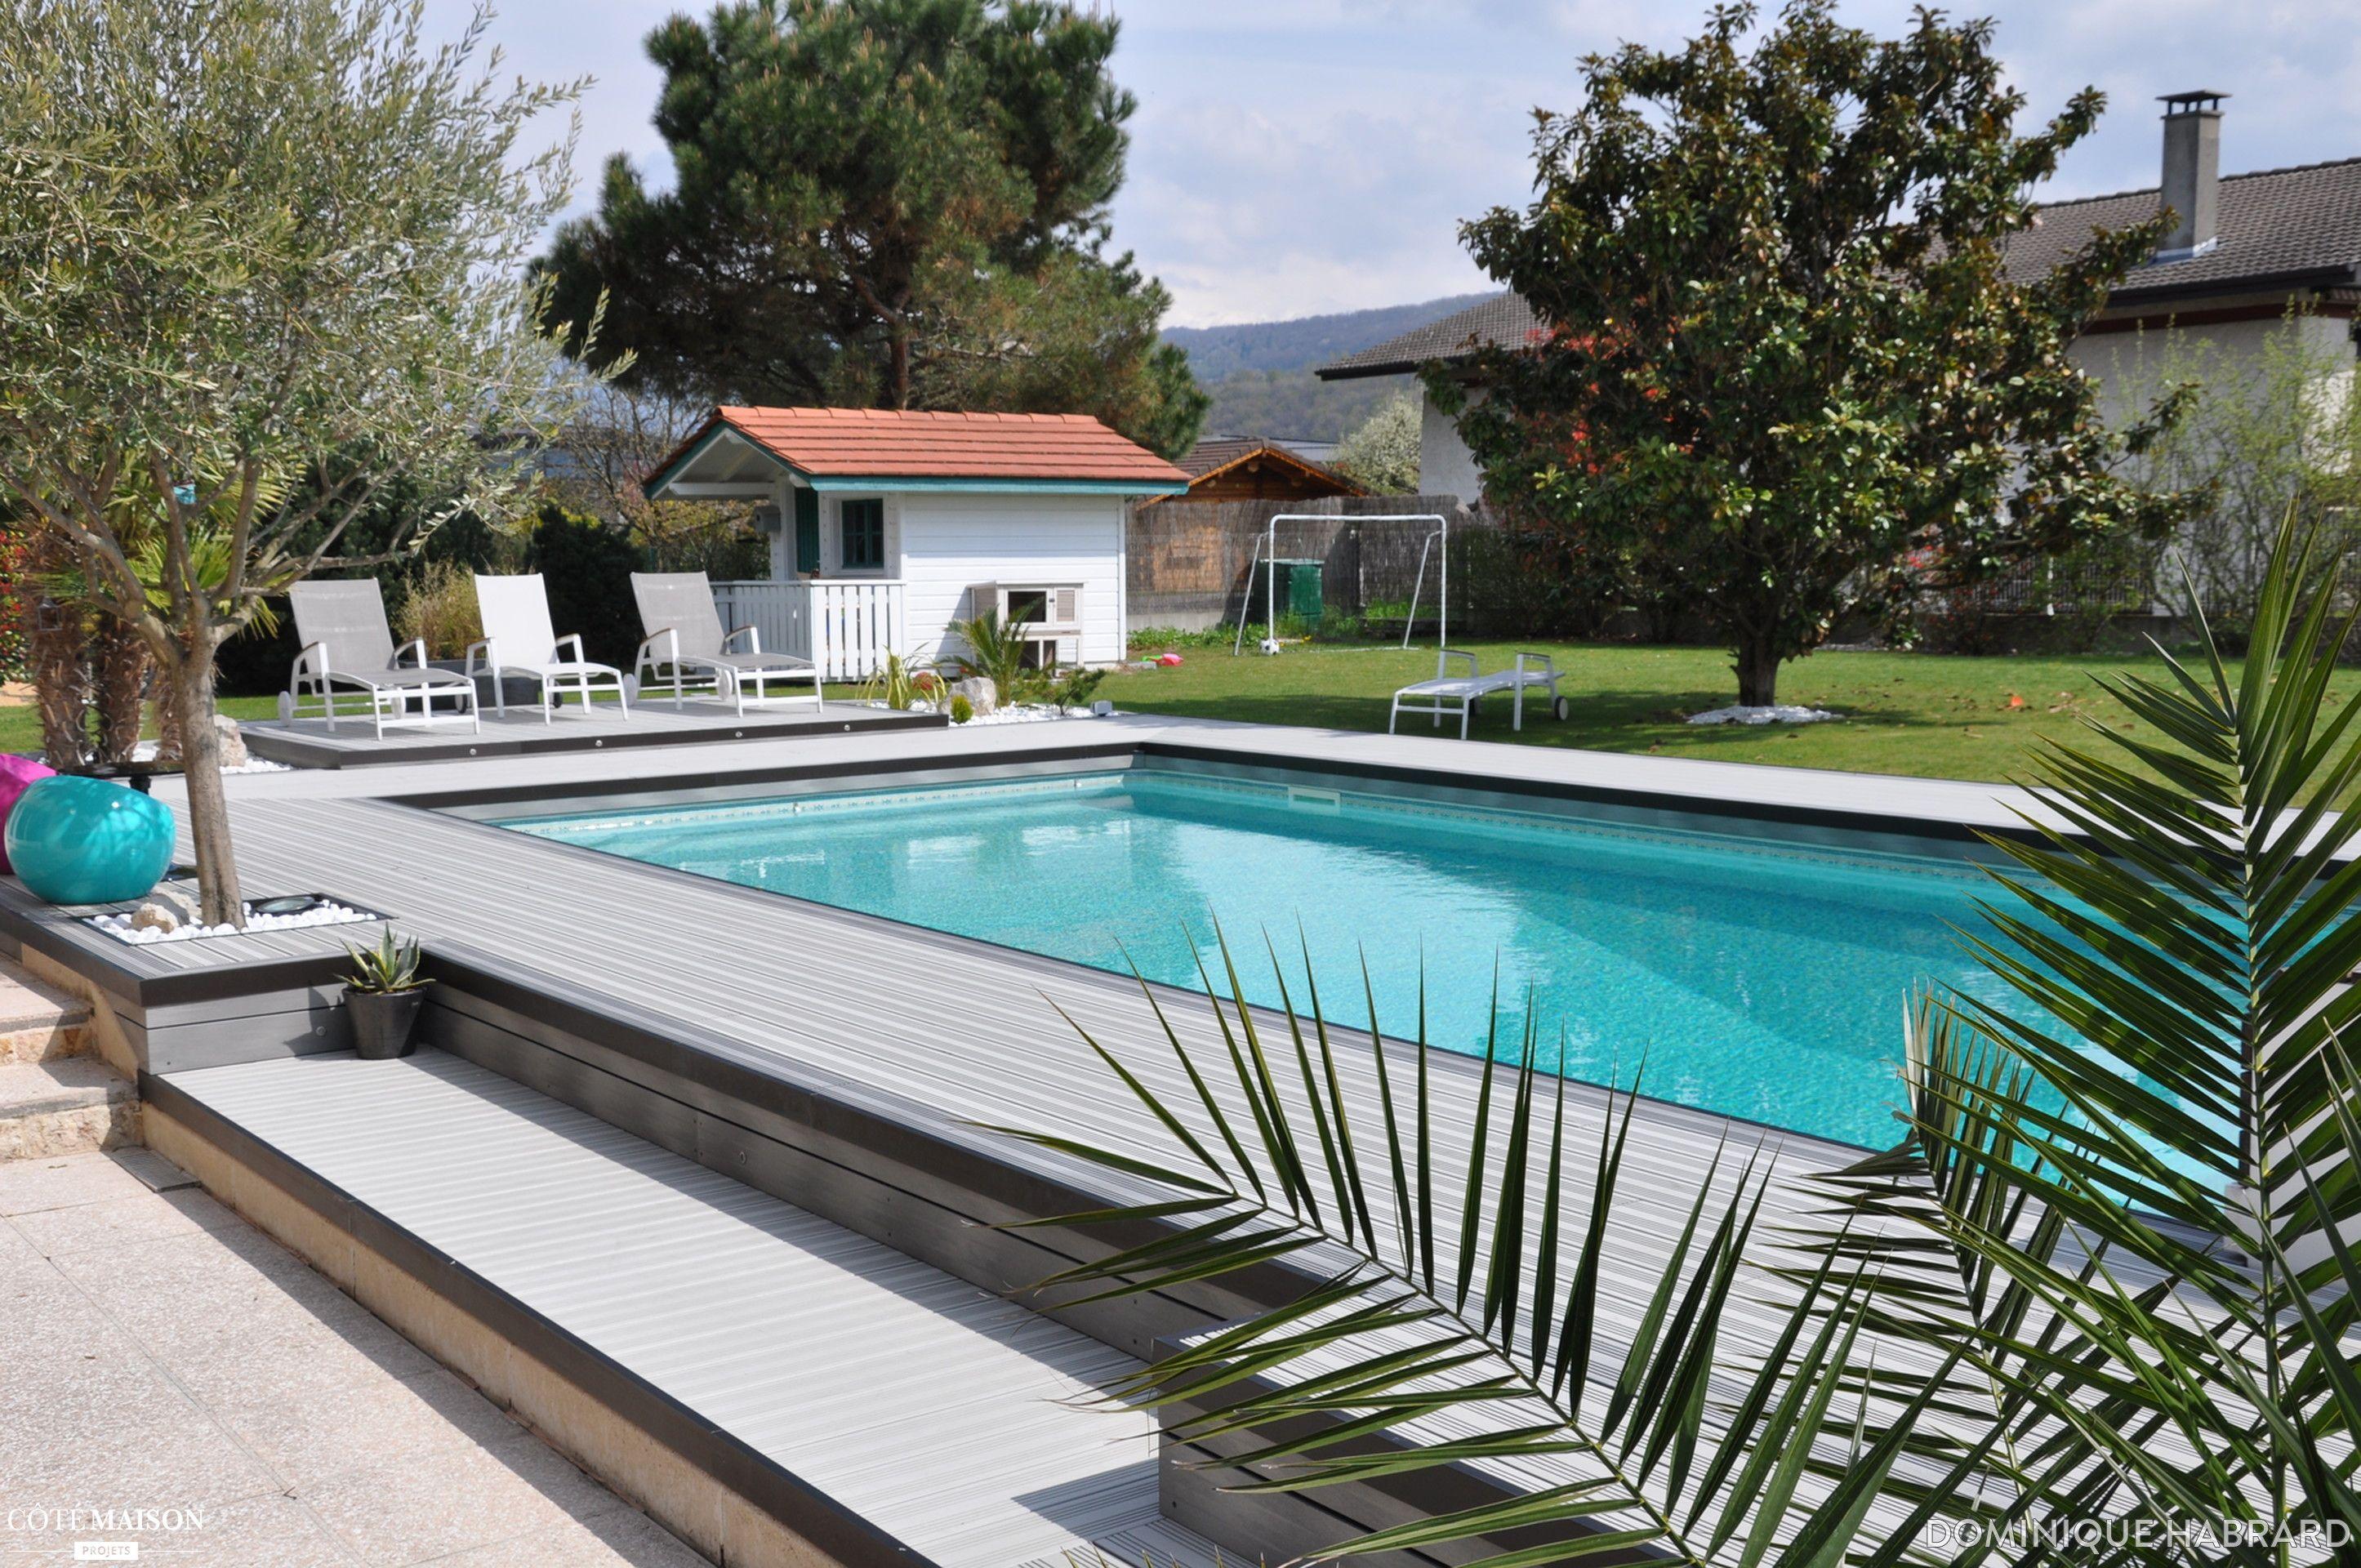 R novation d 39 une plage de piscine en bois composite gris Mobilier piscine